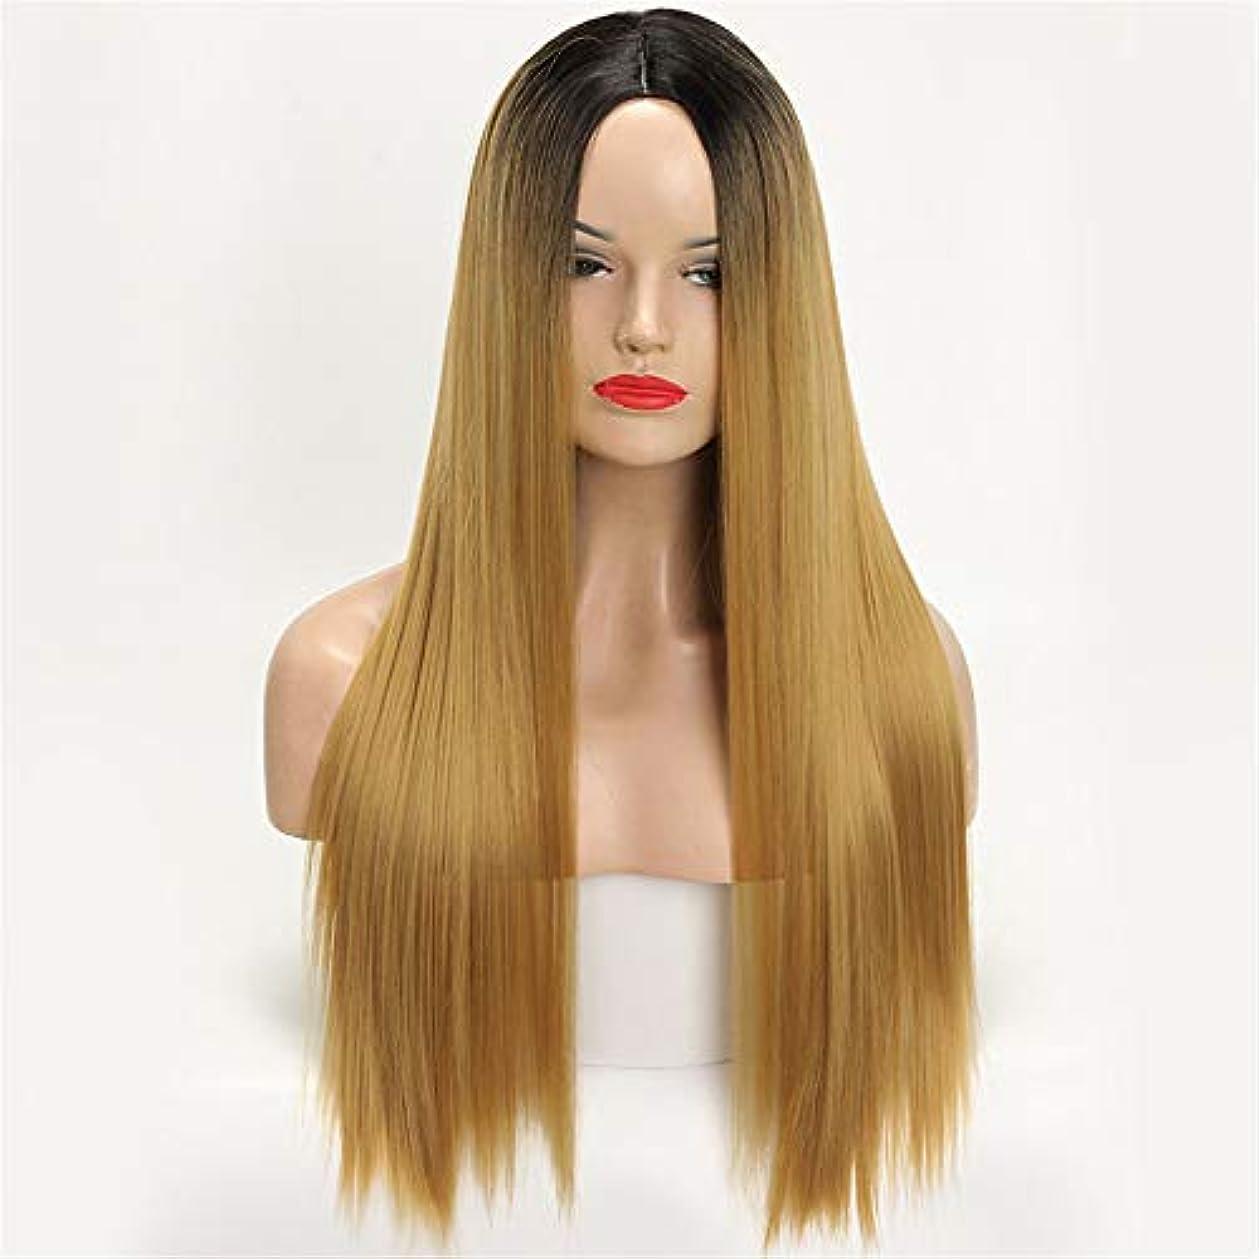 愛情成熟迷信かつらロングストレートヘア女性勾配化学繊維フードオンブルブラックブロンドロングストレート高温合成繊維ウィッグ女性用ウィッグ30インチ